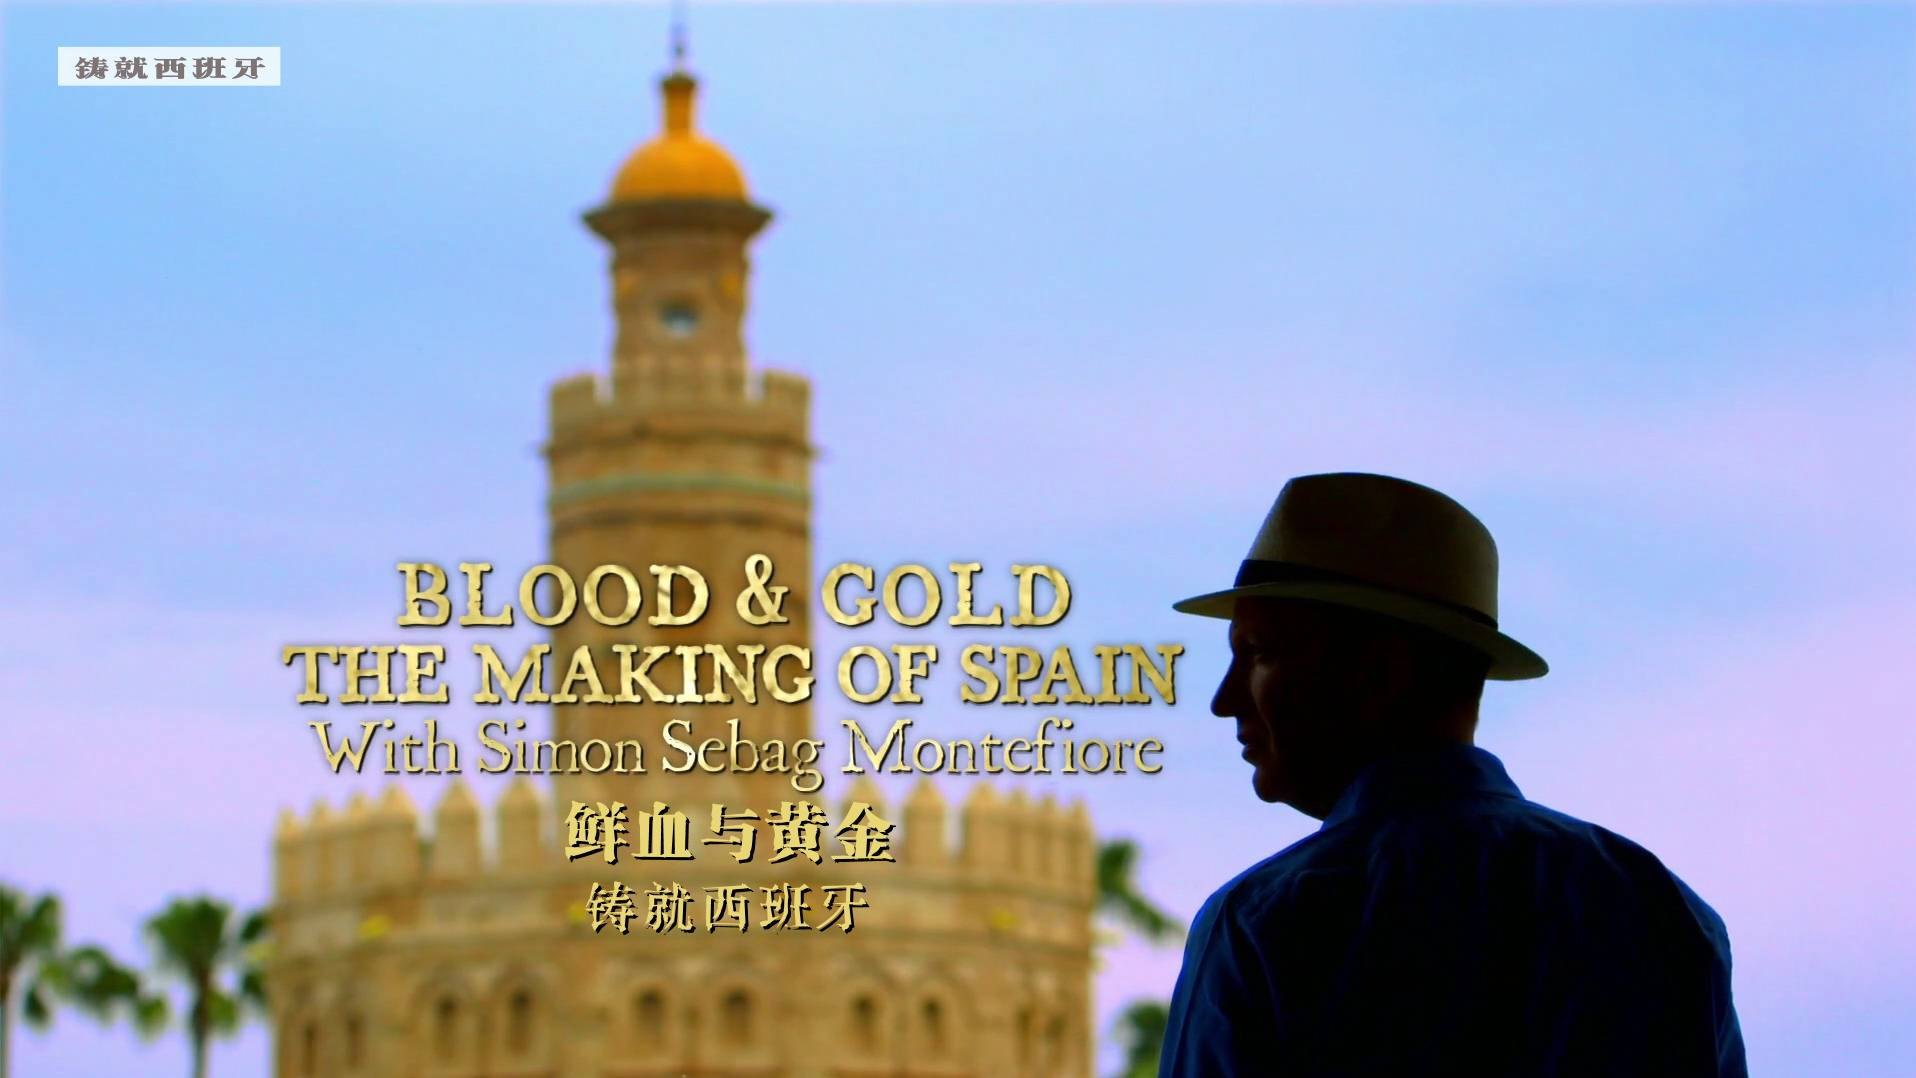 【纪录片】鲜血与黄金铸就西班牙 1 征服【双语特效字幕】【纪录片之家字幕组】